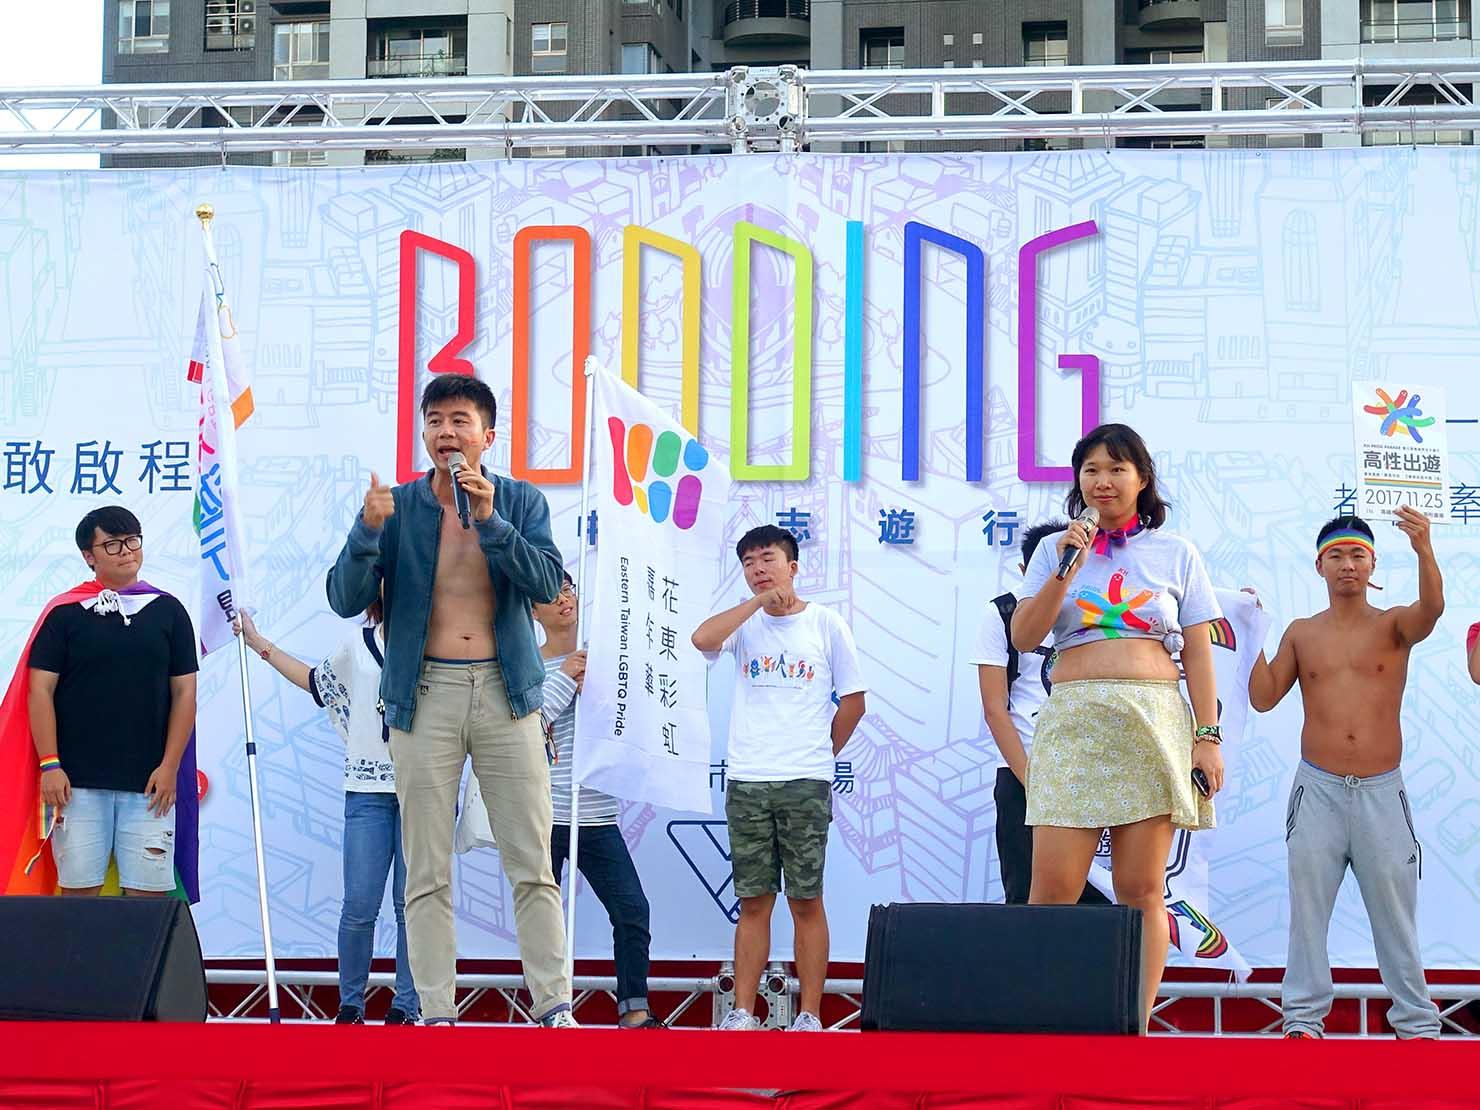 台中同志遊行(台中LGBTプライド)2017のステージでスピーチする台湾各都市のLGBTプライド代表者たち